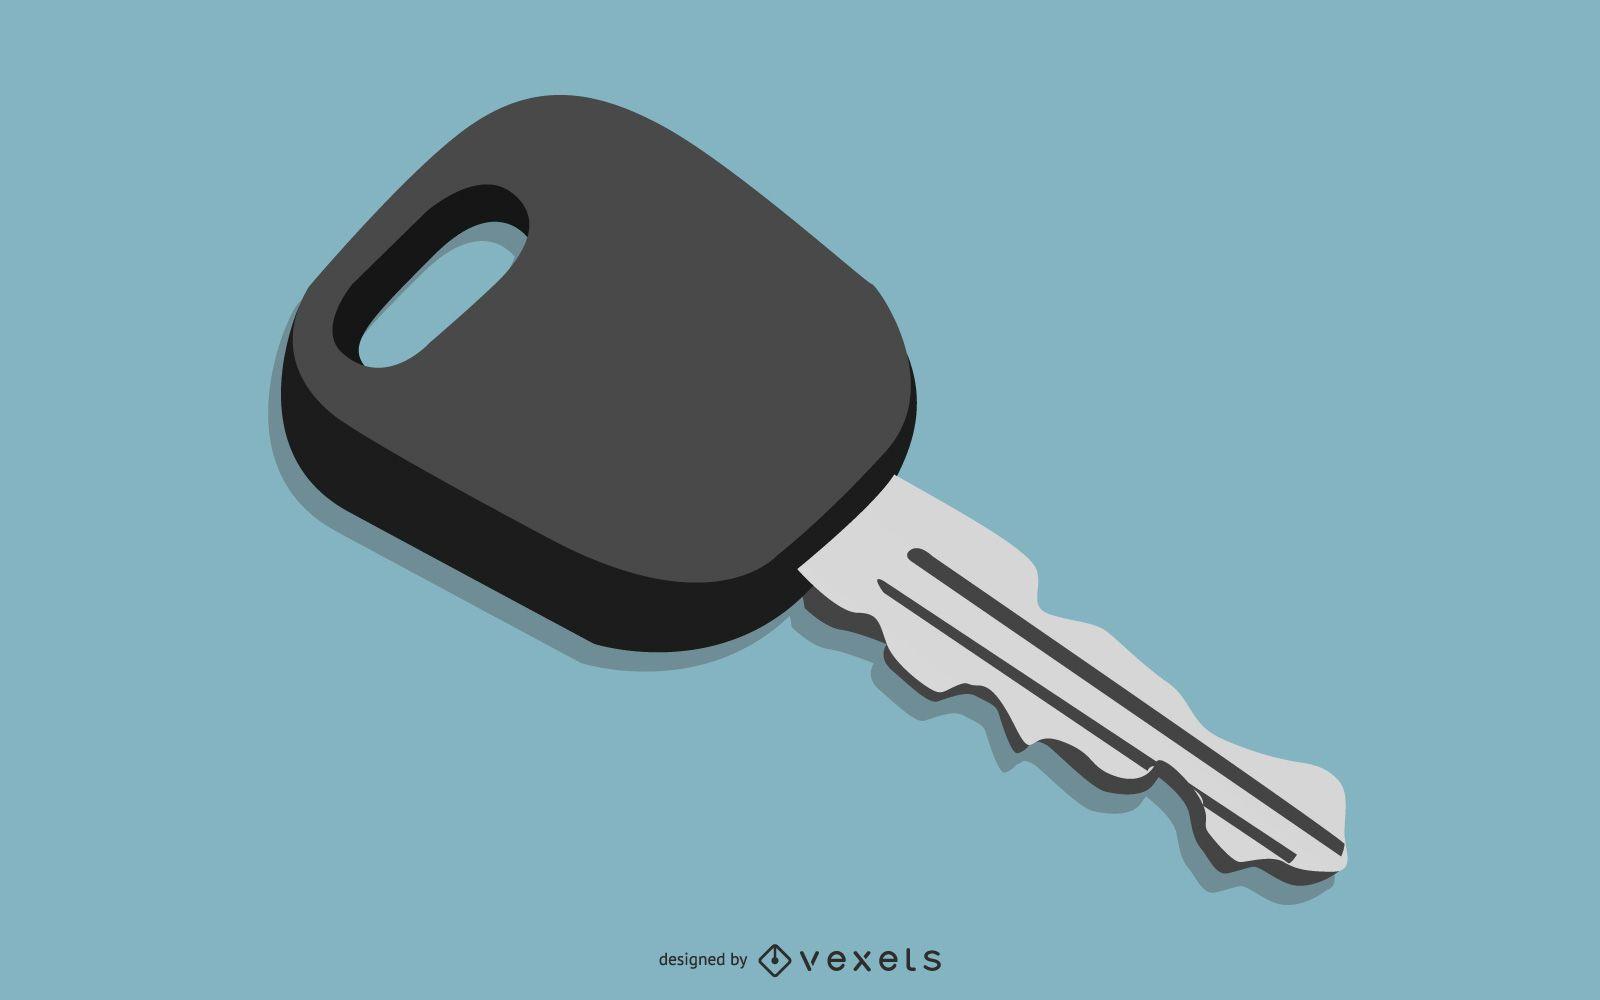 Dise?o de llave de coche 3D